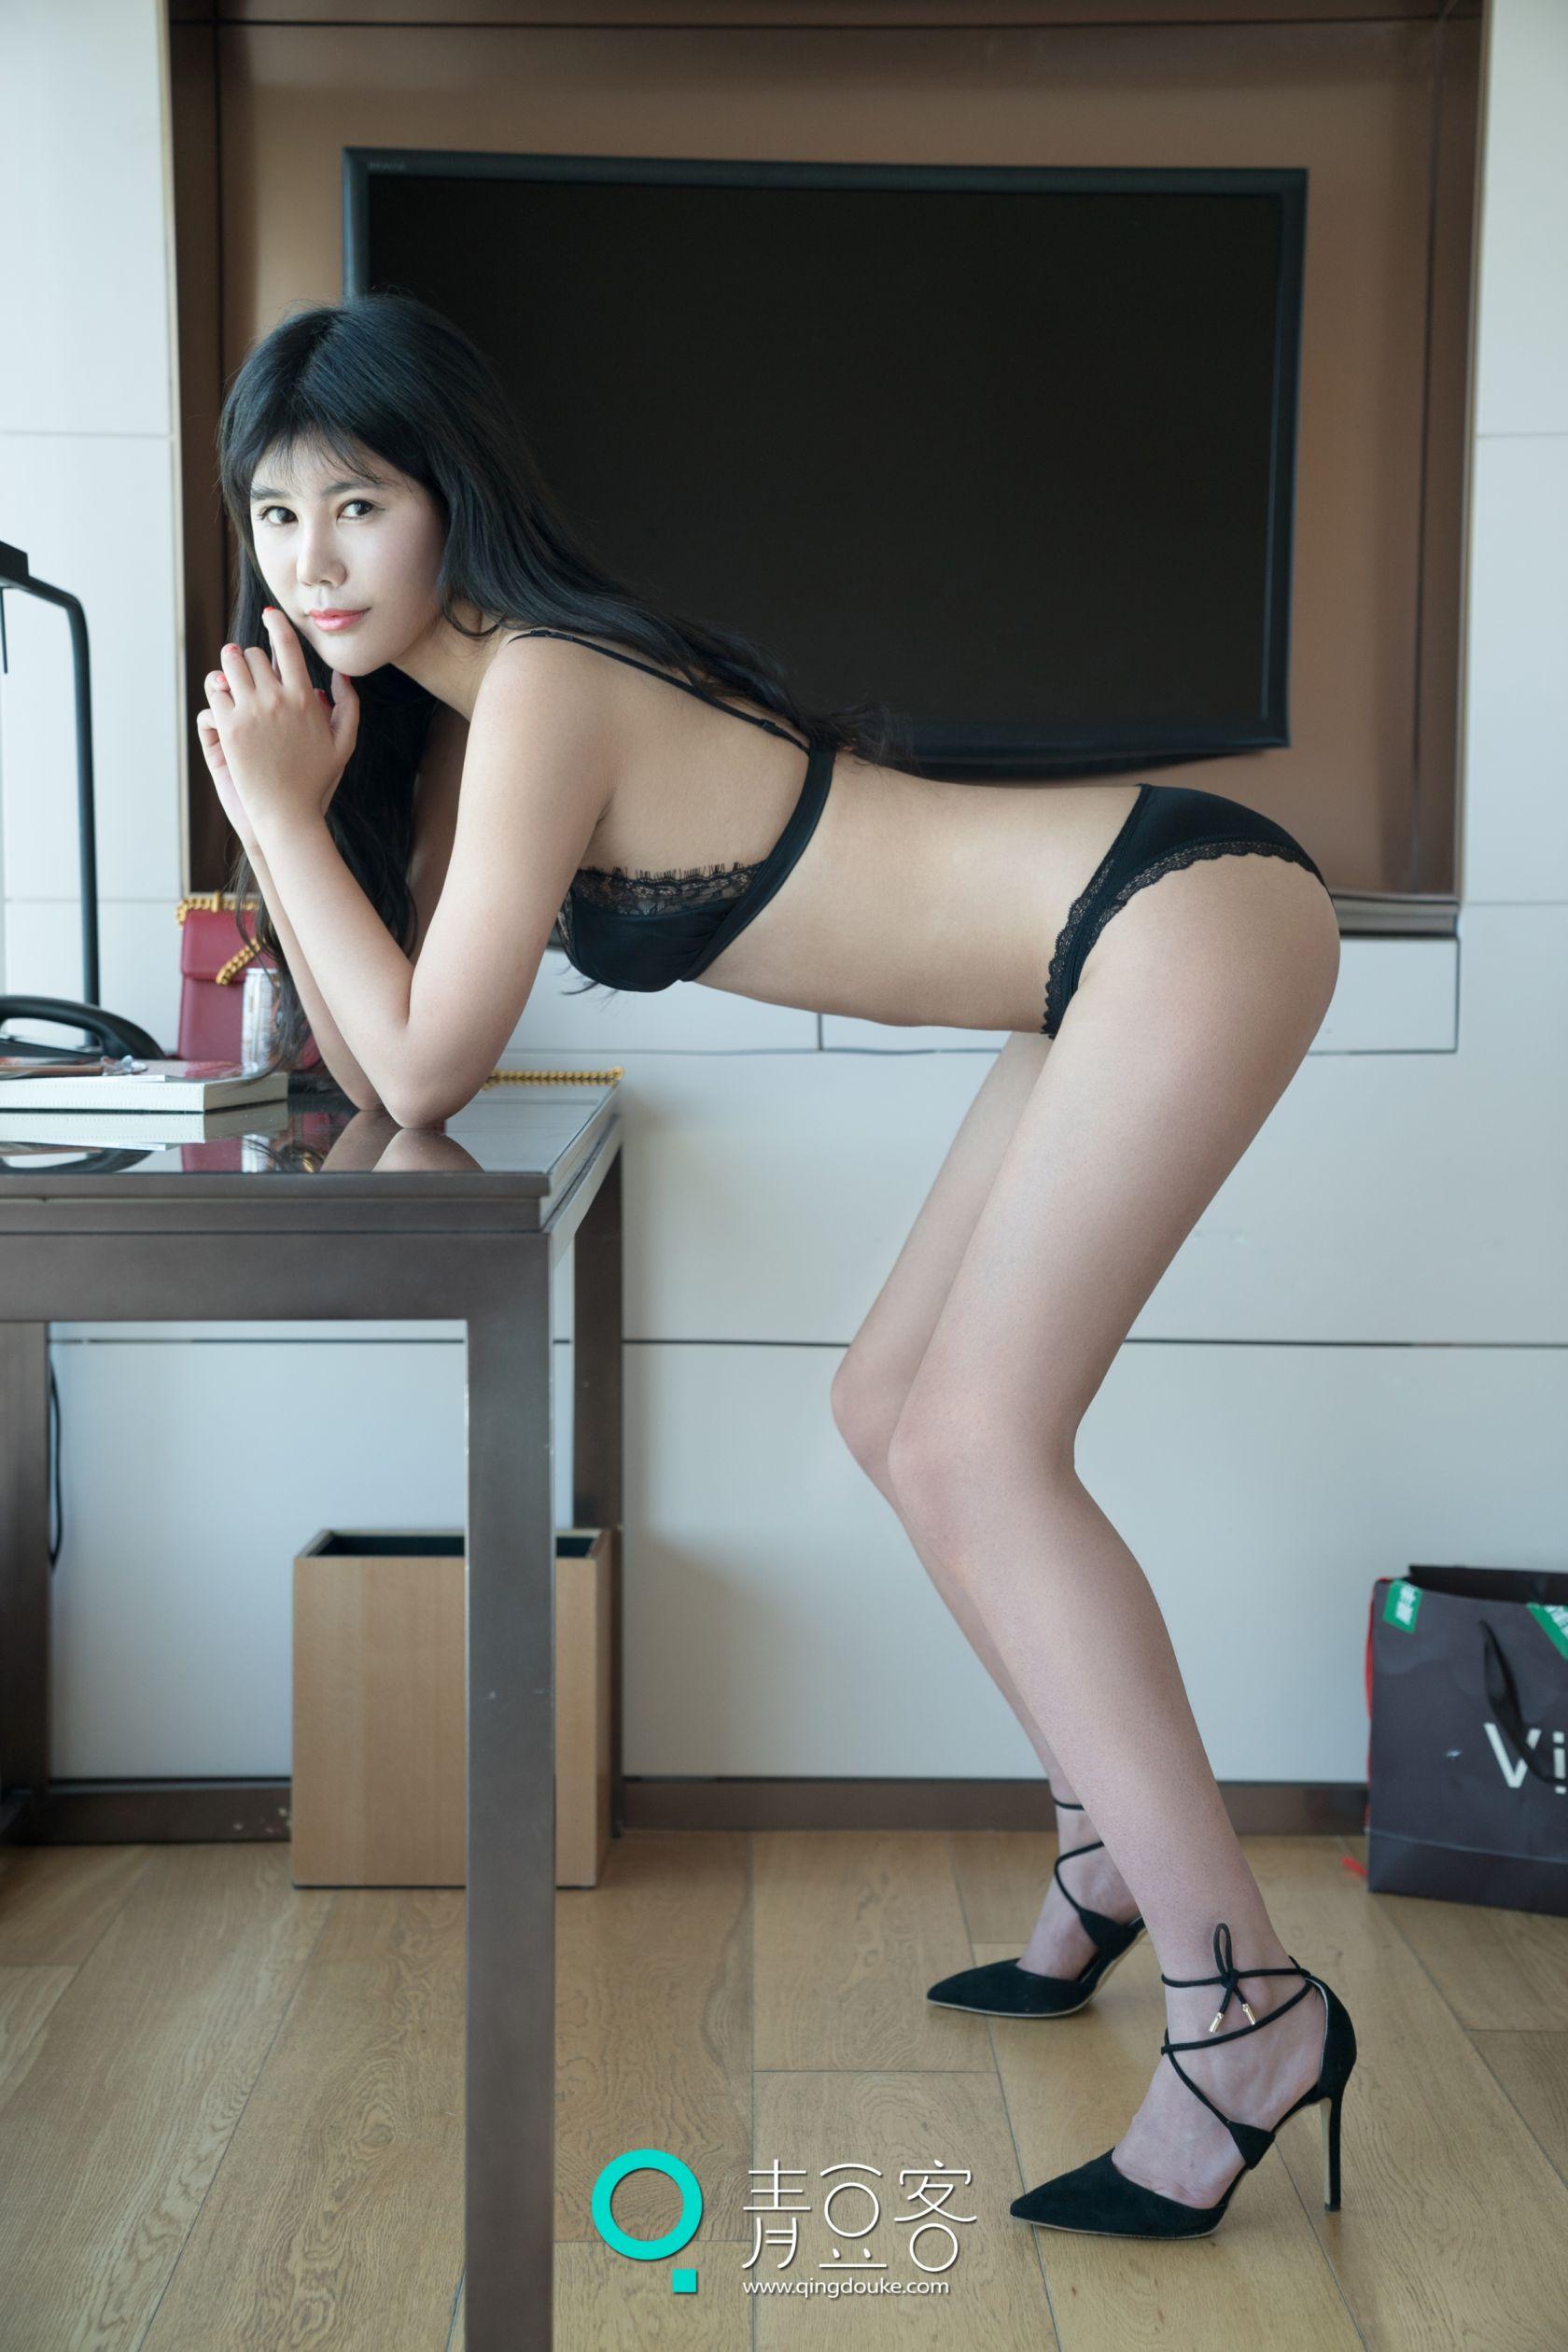 安沛蕾 - 高跟少妇的诱惑